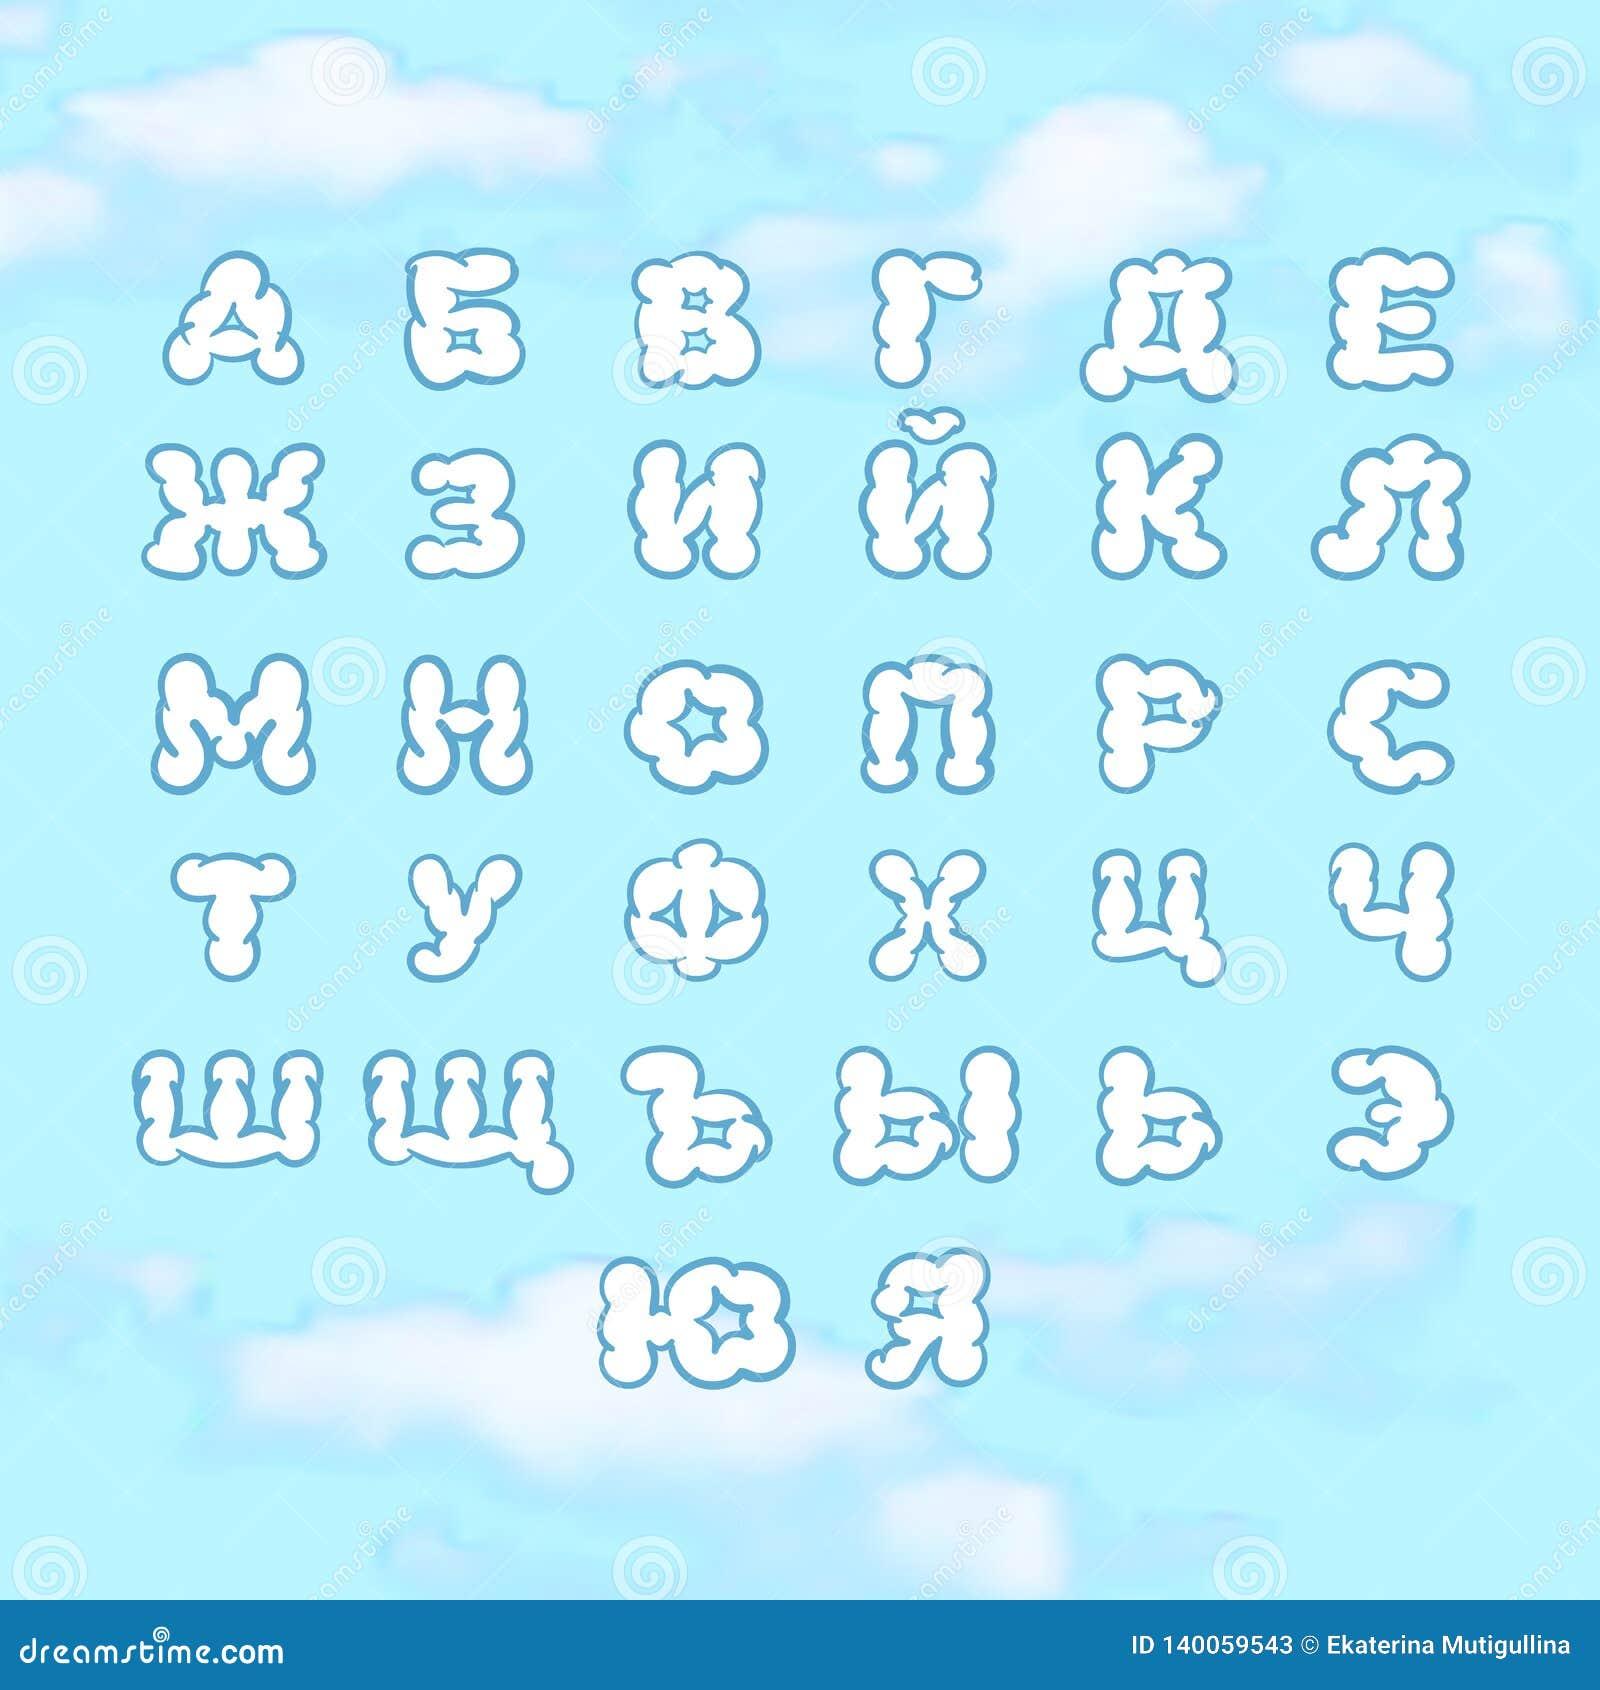 Κυριλλικό αλφάβητο σύννεφων